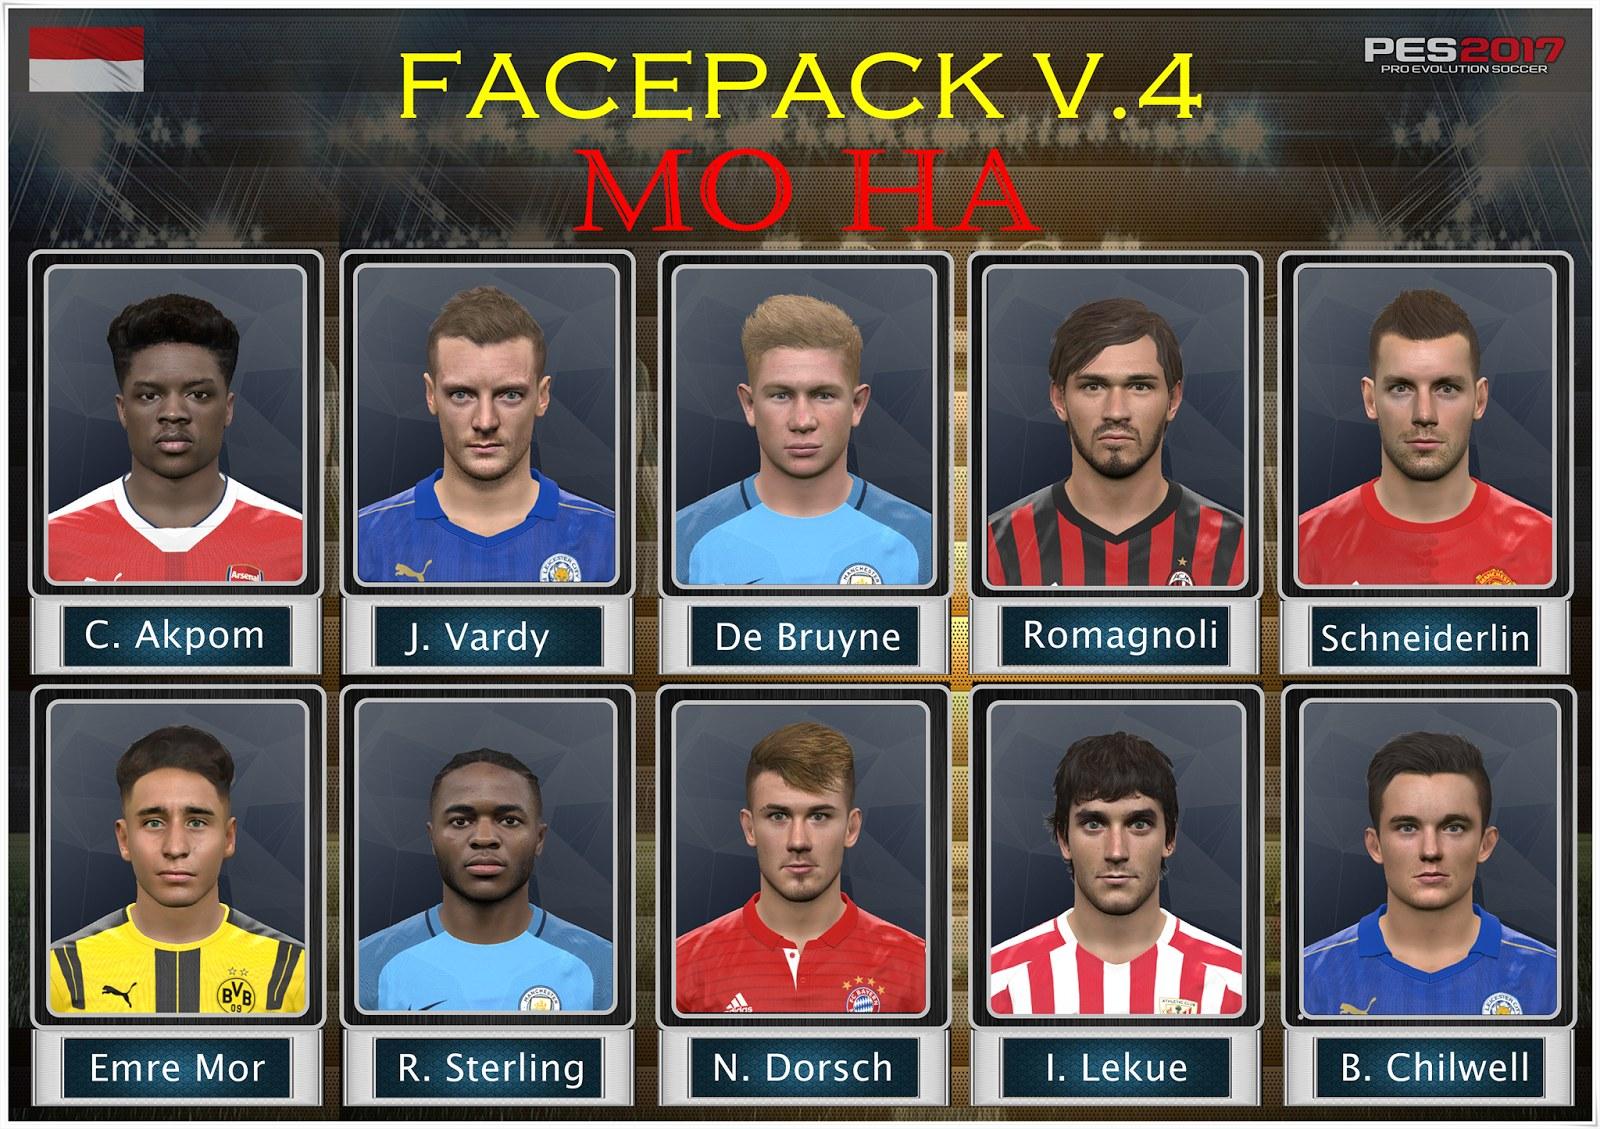 pes-2017-facepack-v4-mo-ha-pes-kings